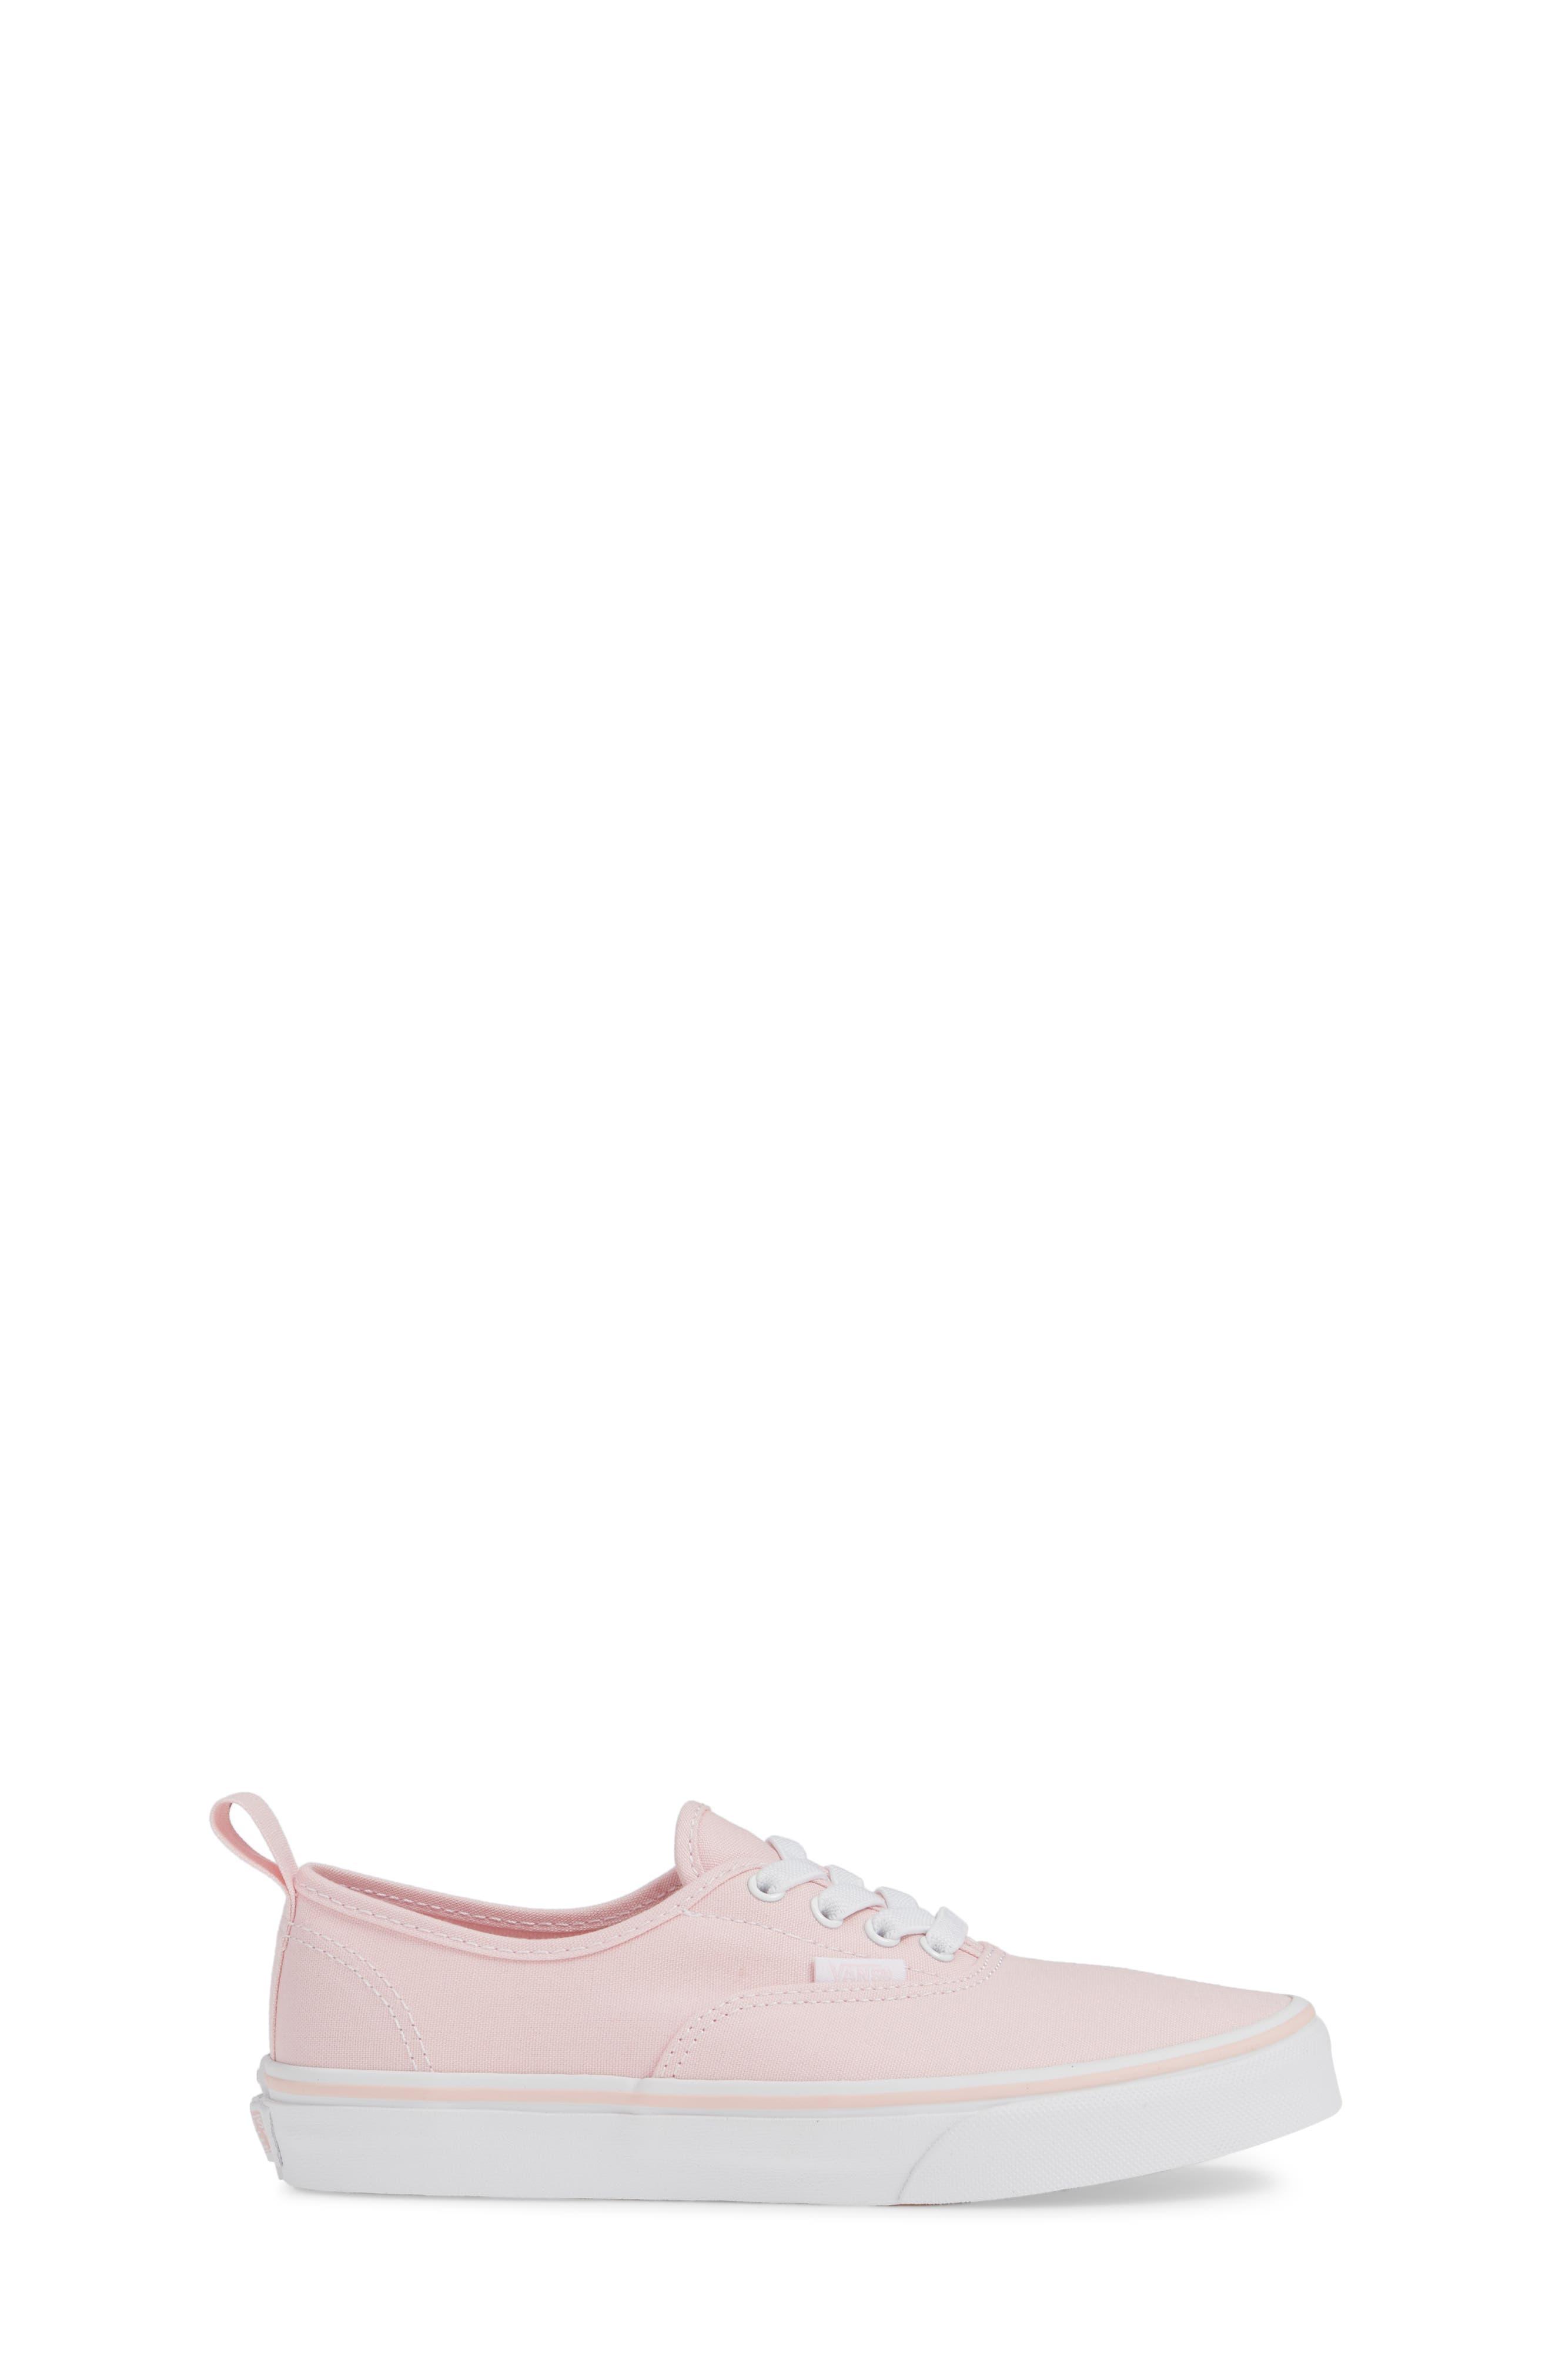 VANS, Authentic Elastic Lace Sneaker, Alternate thumbnail 3, color, CHALK PINK/ TRUE WHITE